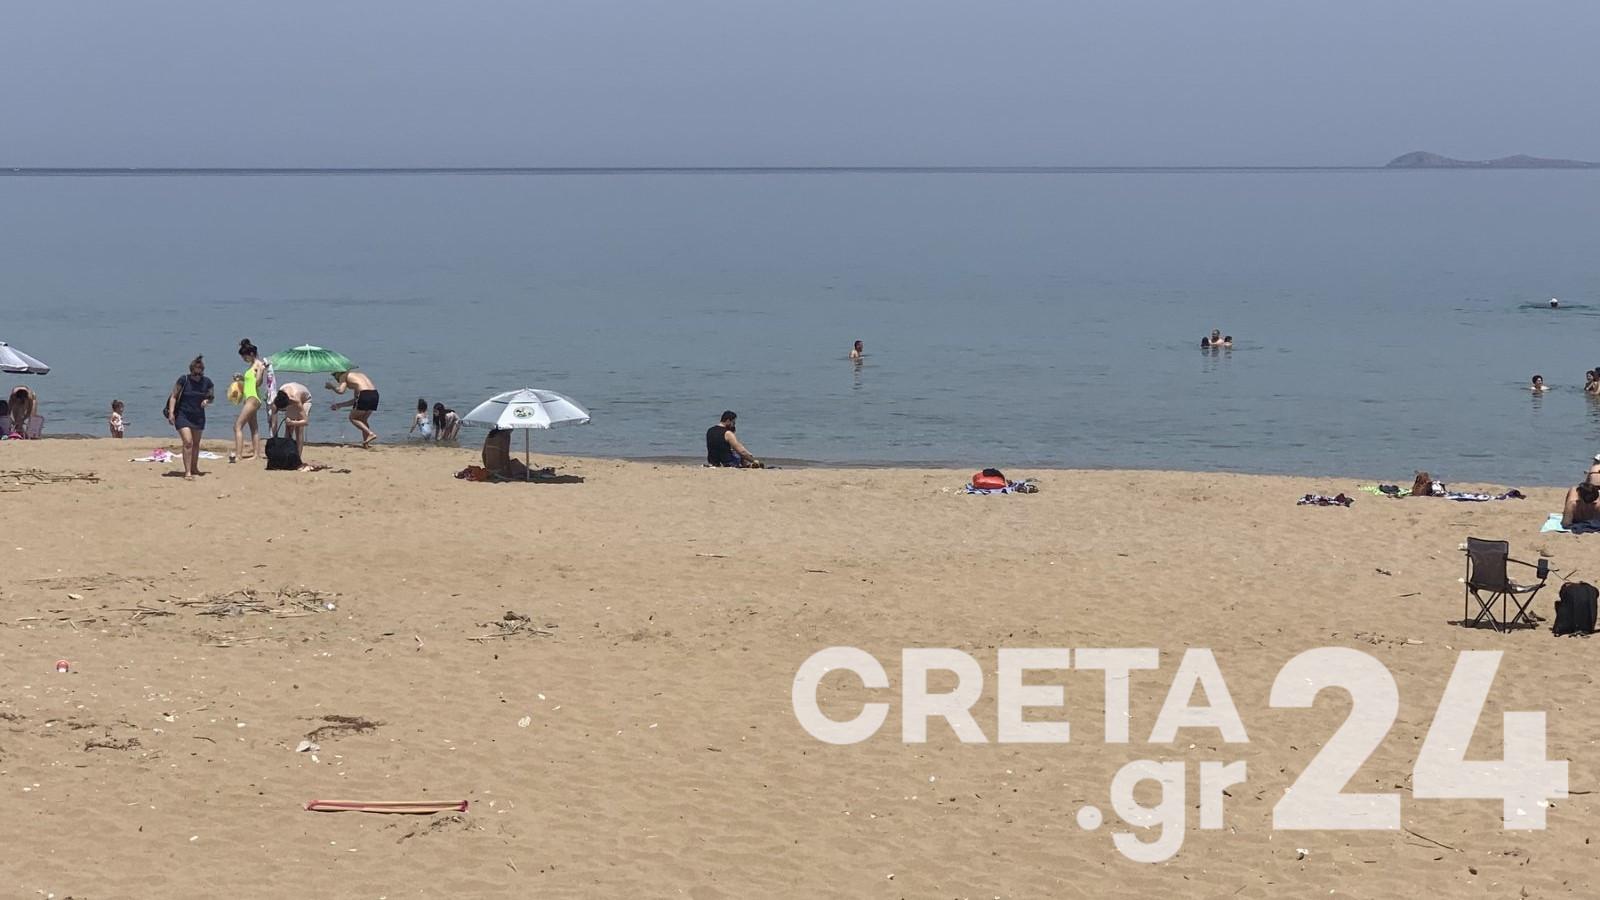 Καιρός: «Τρέλες» της θερμοκρασίας στο Ηράκλειο! Διαφορά 15 βαθμών σε… 5 χλμ απόσταση (pics)